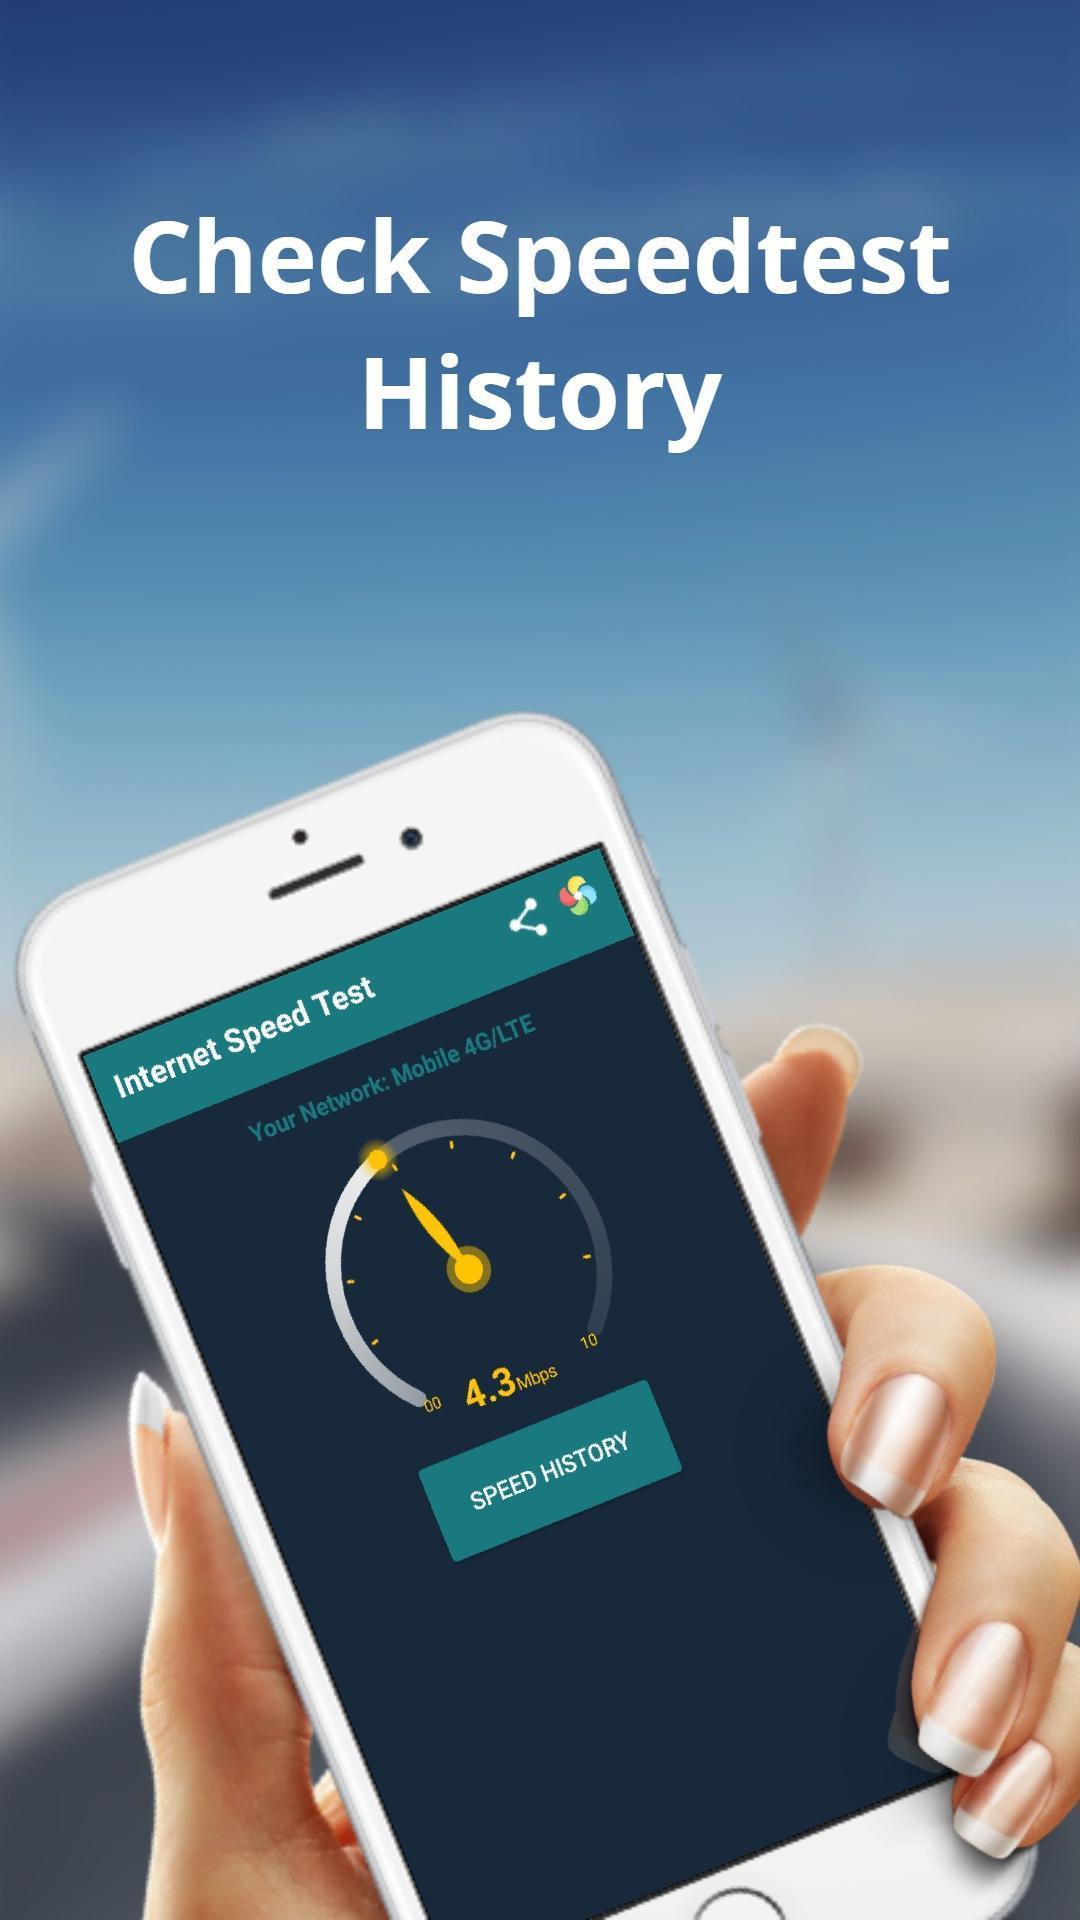 Apk Downl Internet Speed Test 3G – Tipmyshow